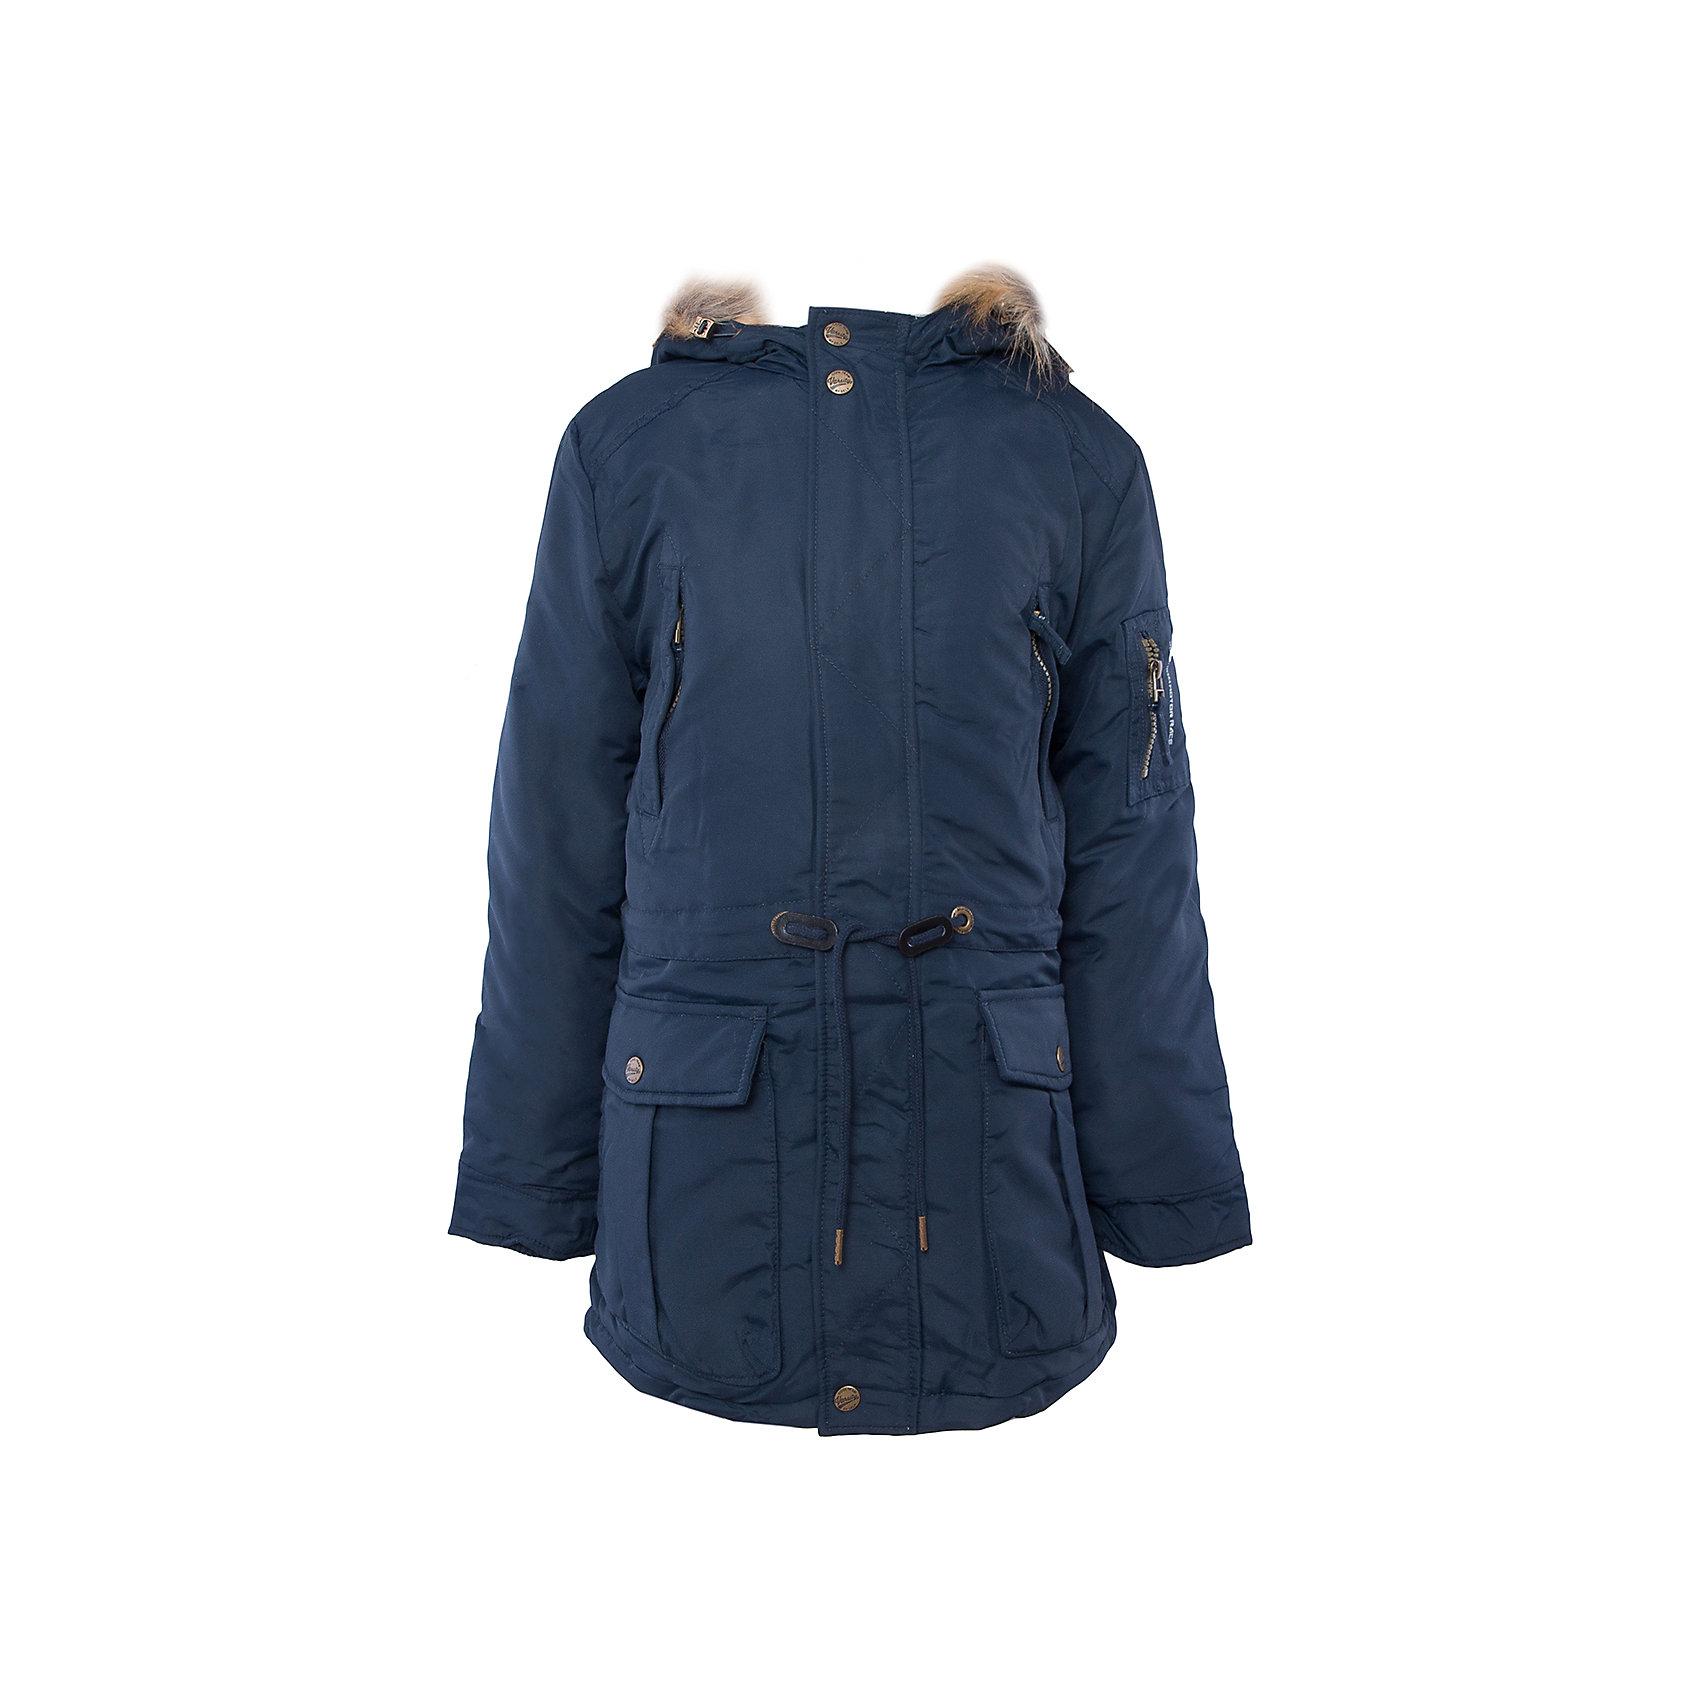 Пальто для мальчика SELAВерхняя одежда<br>Такое стильное пальто - незаменимая вещь в прохладное время года. Эта модель отлично сидит на ребенке, она сшита из плотного материала, позволяет гулять и заниматься активным отдыхом на свежем воздухе. Подкладка и утеплитель обеспечивают ребенку комфорт. Модель дополнена капюшоном, планкой от ветра, кулиской на талии, внутренними трикотажными манжетами и карманами.<br>Одежда от бренда Sela (Села) - это качество по приемлемым ценам. Многие российские родители уже оценили преимущества продукции этой компании и всё чаще приобретают одежду и аксессуары Sela.<br><br>Дополнительная информация:<br><br>материал: 100% нейлон; подкладка:100% ПЭ; утеплитель:100% ПЭ; мех:100% ПЭ;<br>капюшон с опушкой;<br>карманы;<br>кулиска на талии.<br><br>Пальто для мальчика от бренда Sela можно купить в нашем интернет-магазине.<br><br>Ширина мм: 356<br>Глубина мм: 10<br>Высота мм: 245<br>Вес г: 519<br>Цвет: синий<br>Возраст от месяцев: 132<br>Возраст до месяцев: 144<br>Пол: Мужской<br>Возраст: Детский<br>Размер: 128,140,152,116<br>SKU: 5007994